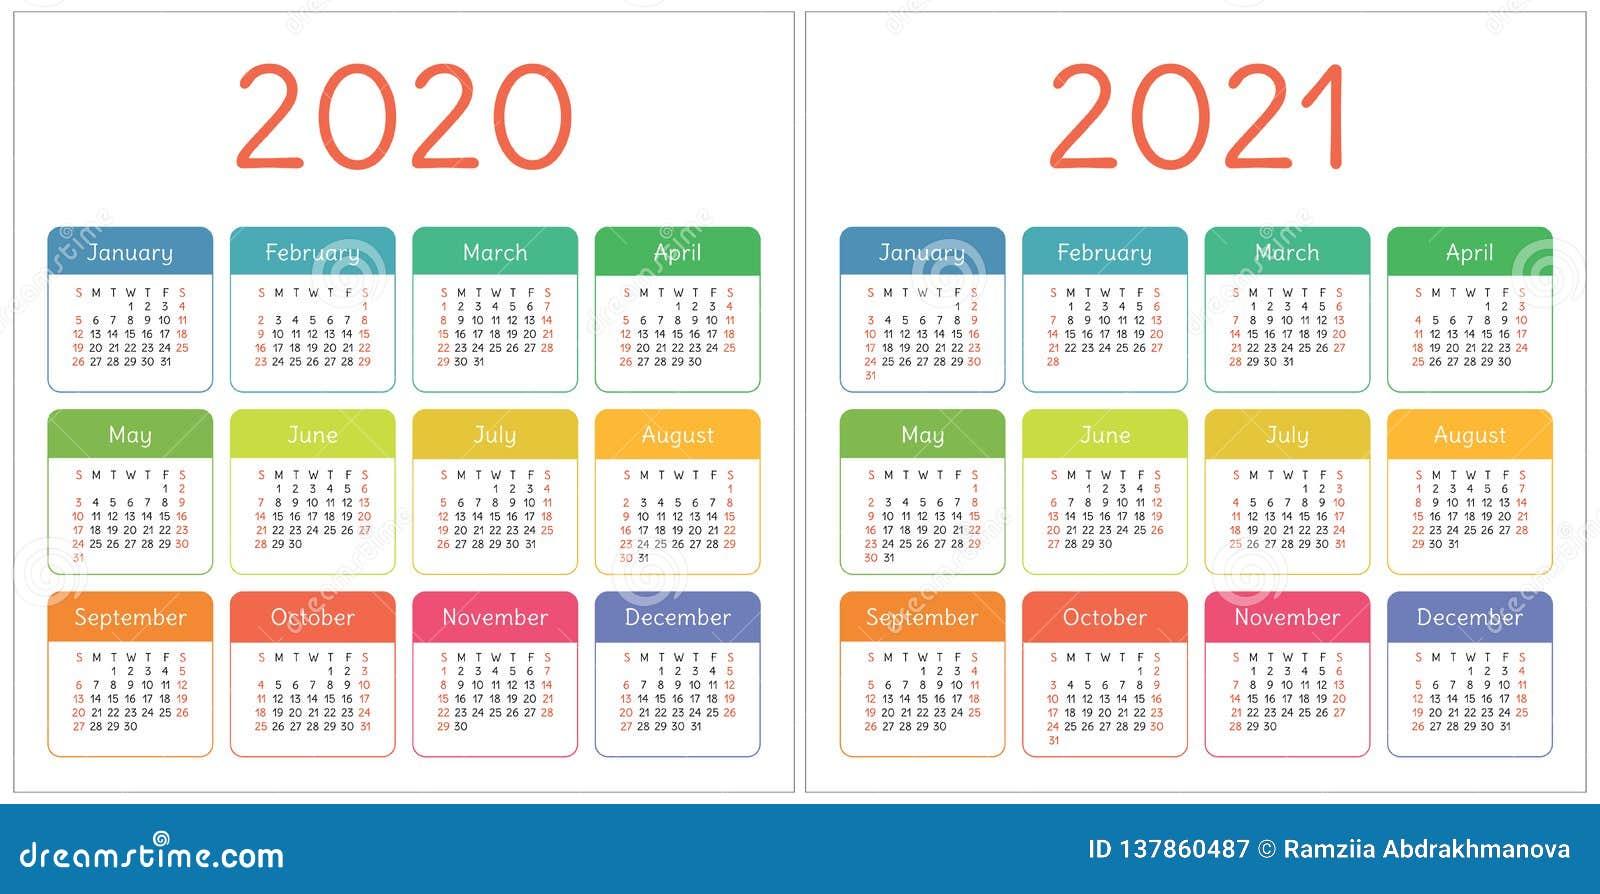 Calendario 2020 Com Feriados Para Impressao.Calendario 2020 2021 Anos Grupo Colorido Comecos Da Semana